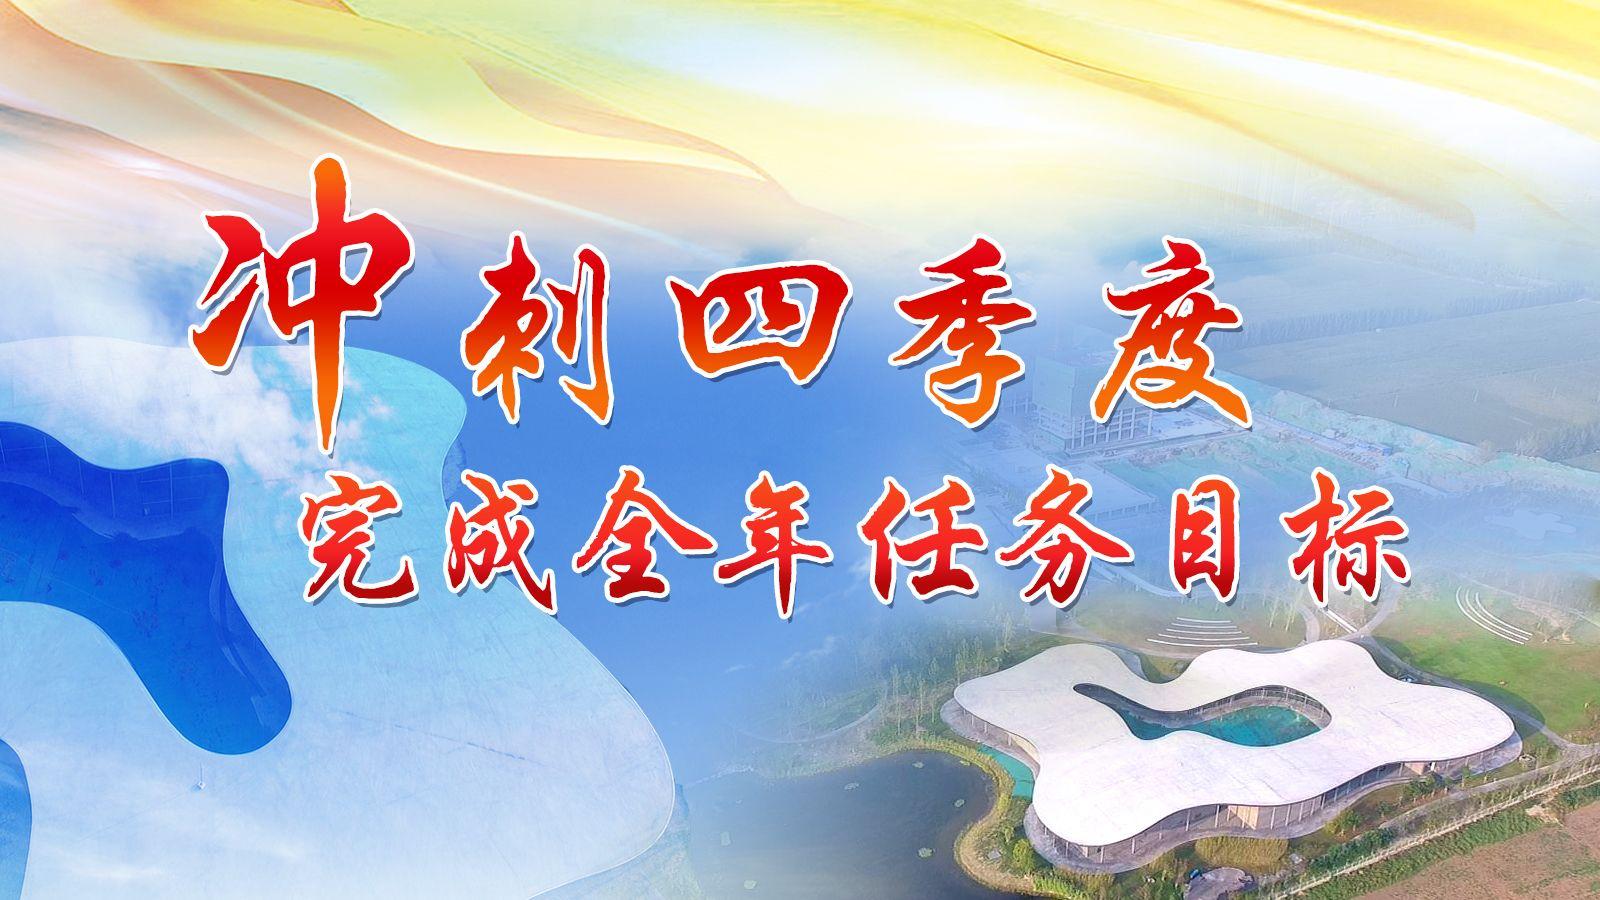 冲刺四季度 完成全年任务目标